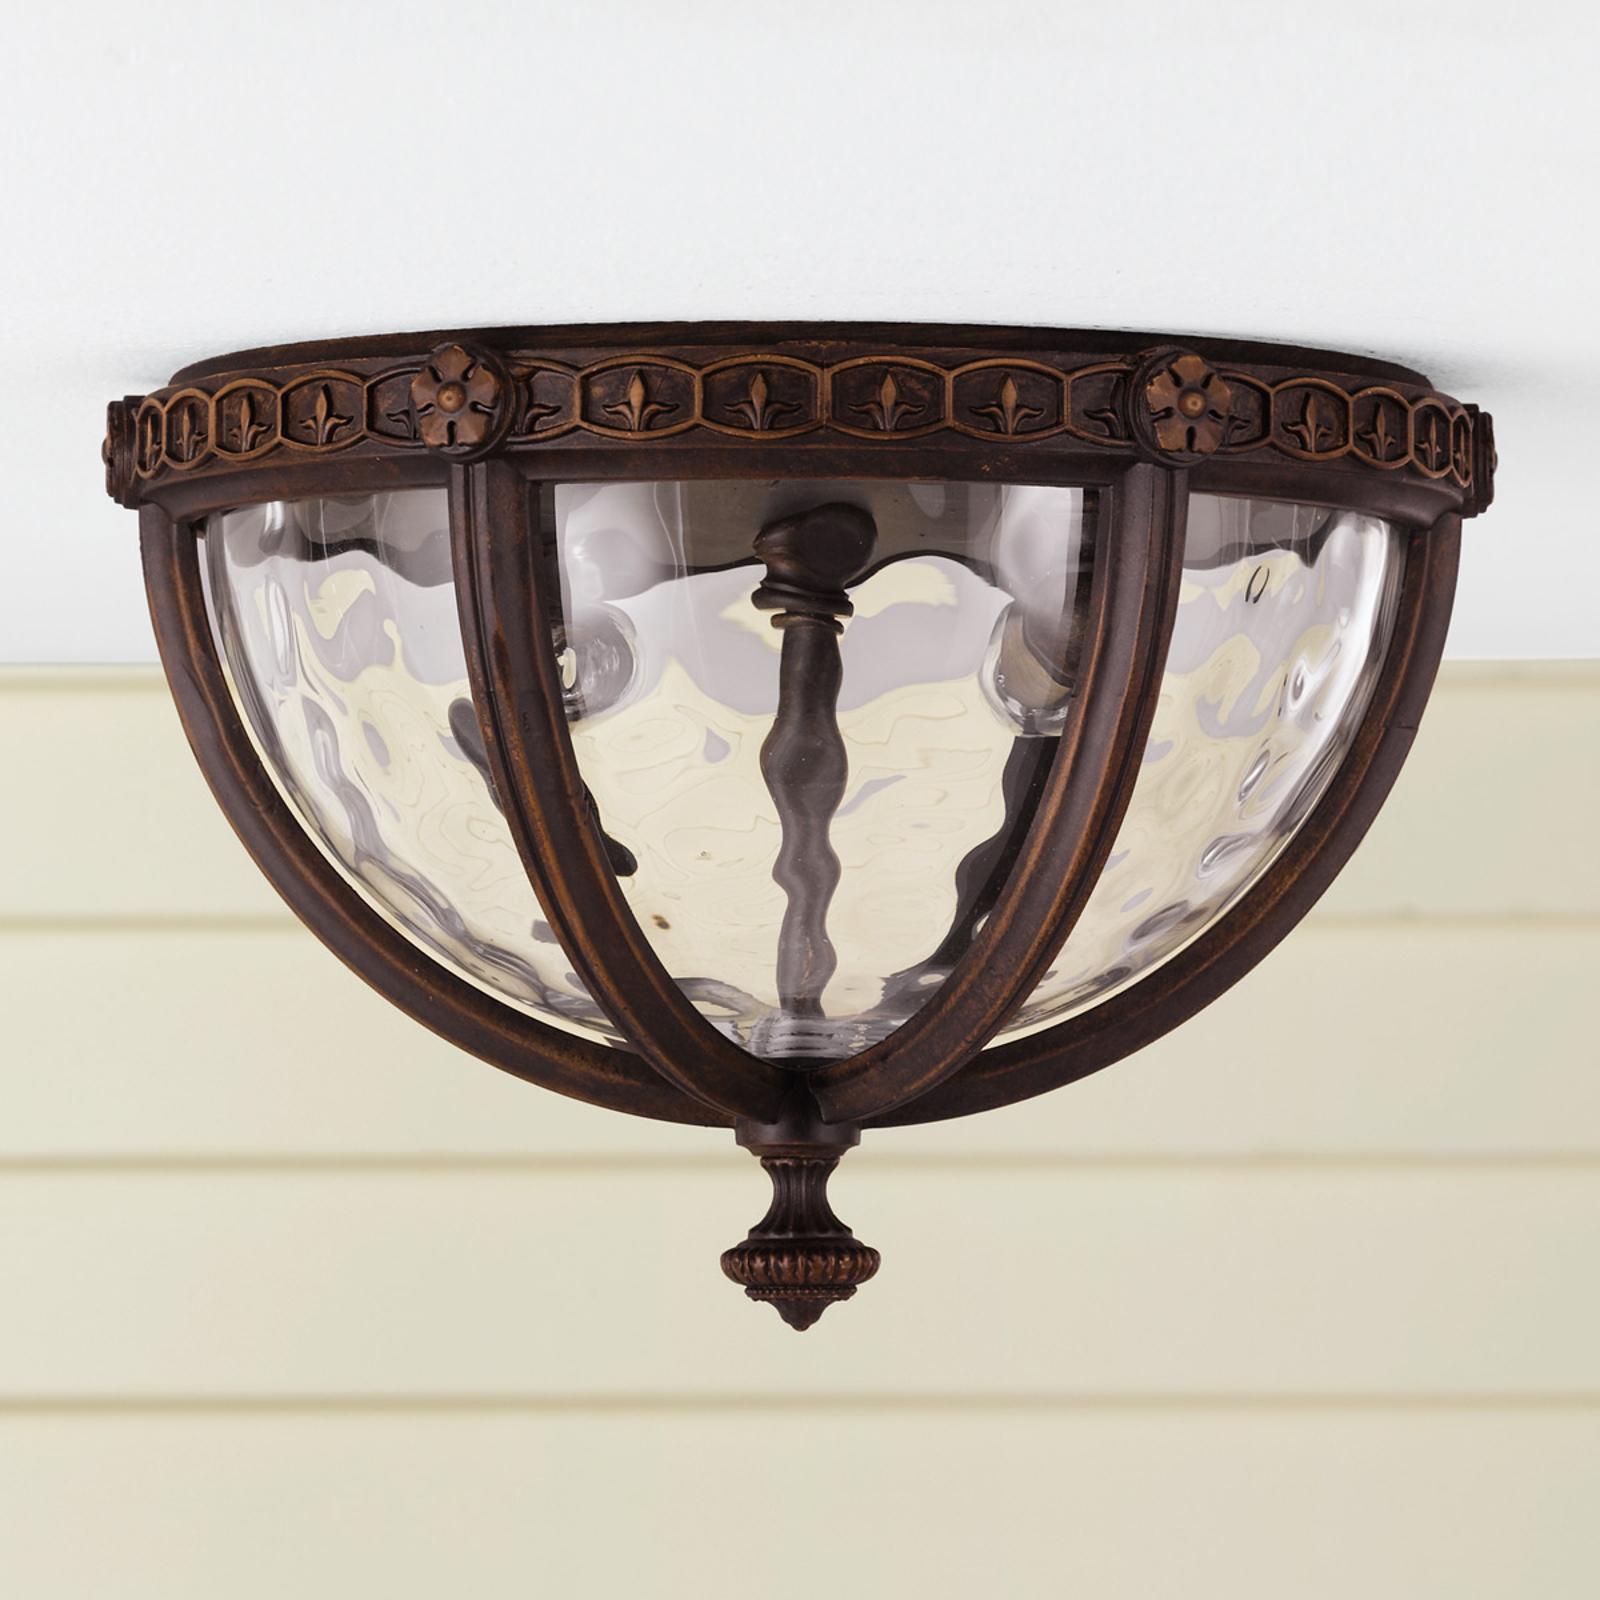 Venkovní stropní svítidlo REGENT COURT rustikální